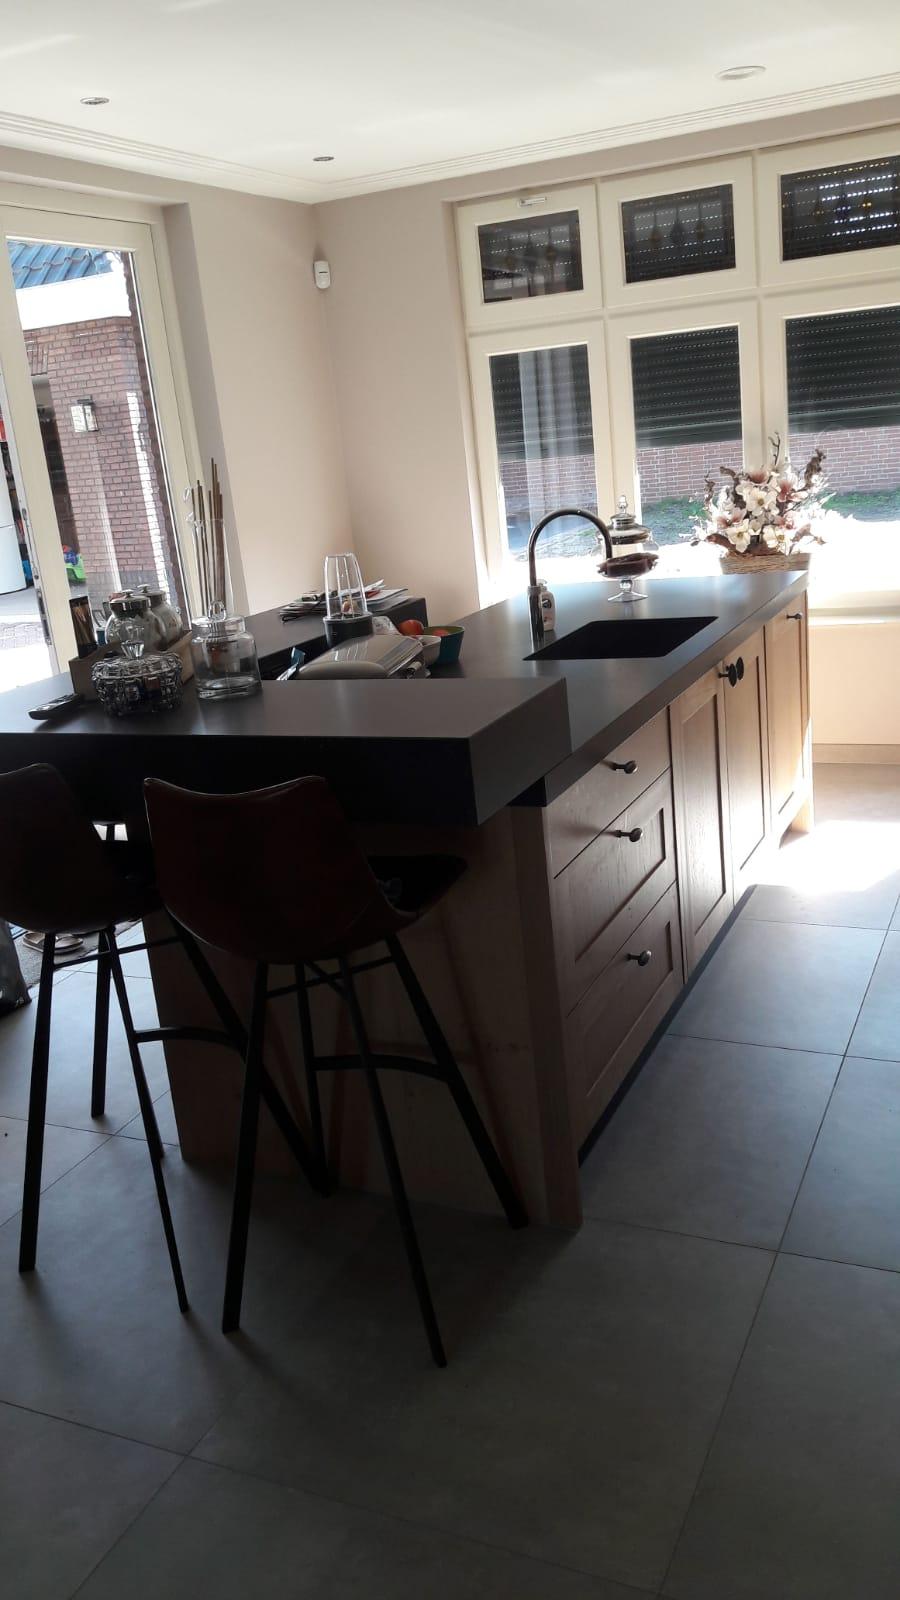 Landelijke keuken massief eiken met een eiland bar zitgedeelte Falcon inductie fornuis handgemaakt keuken Maatwerk op maat hout K2 Keukens en Meubels vakmanschap0